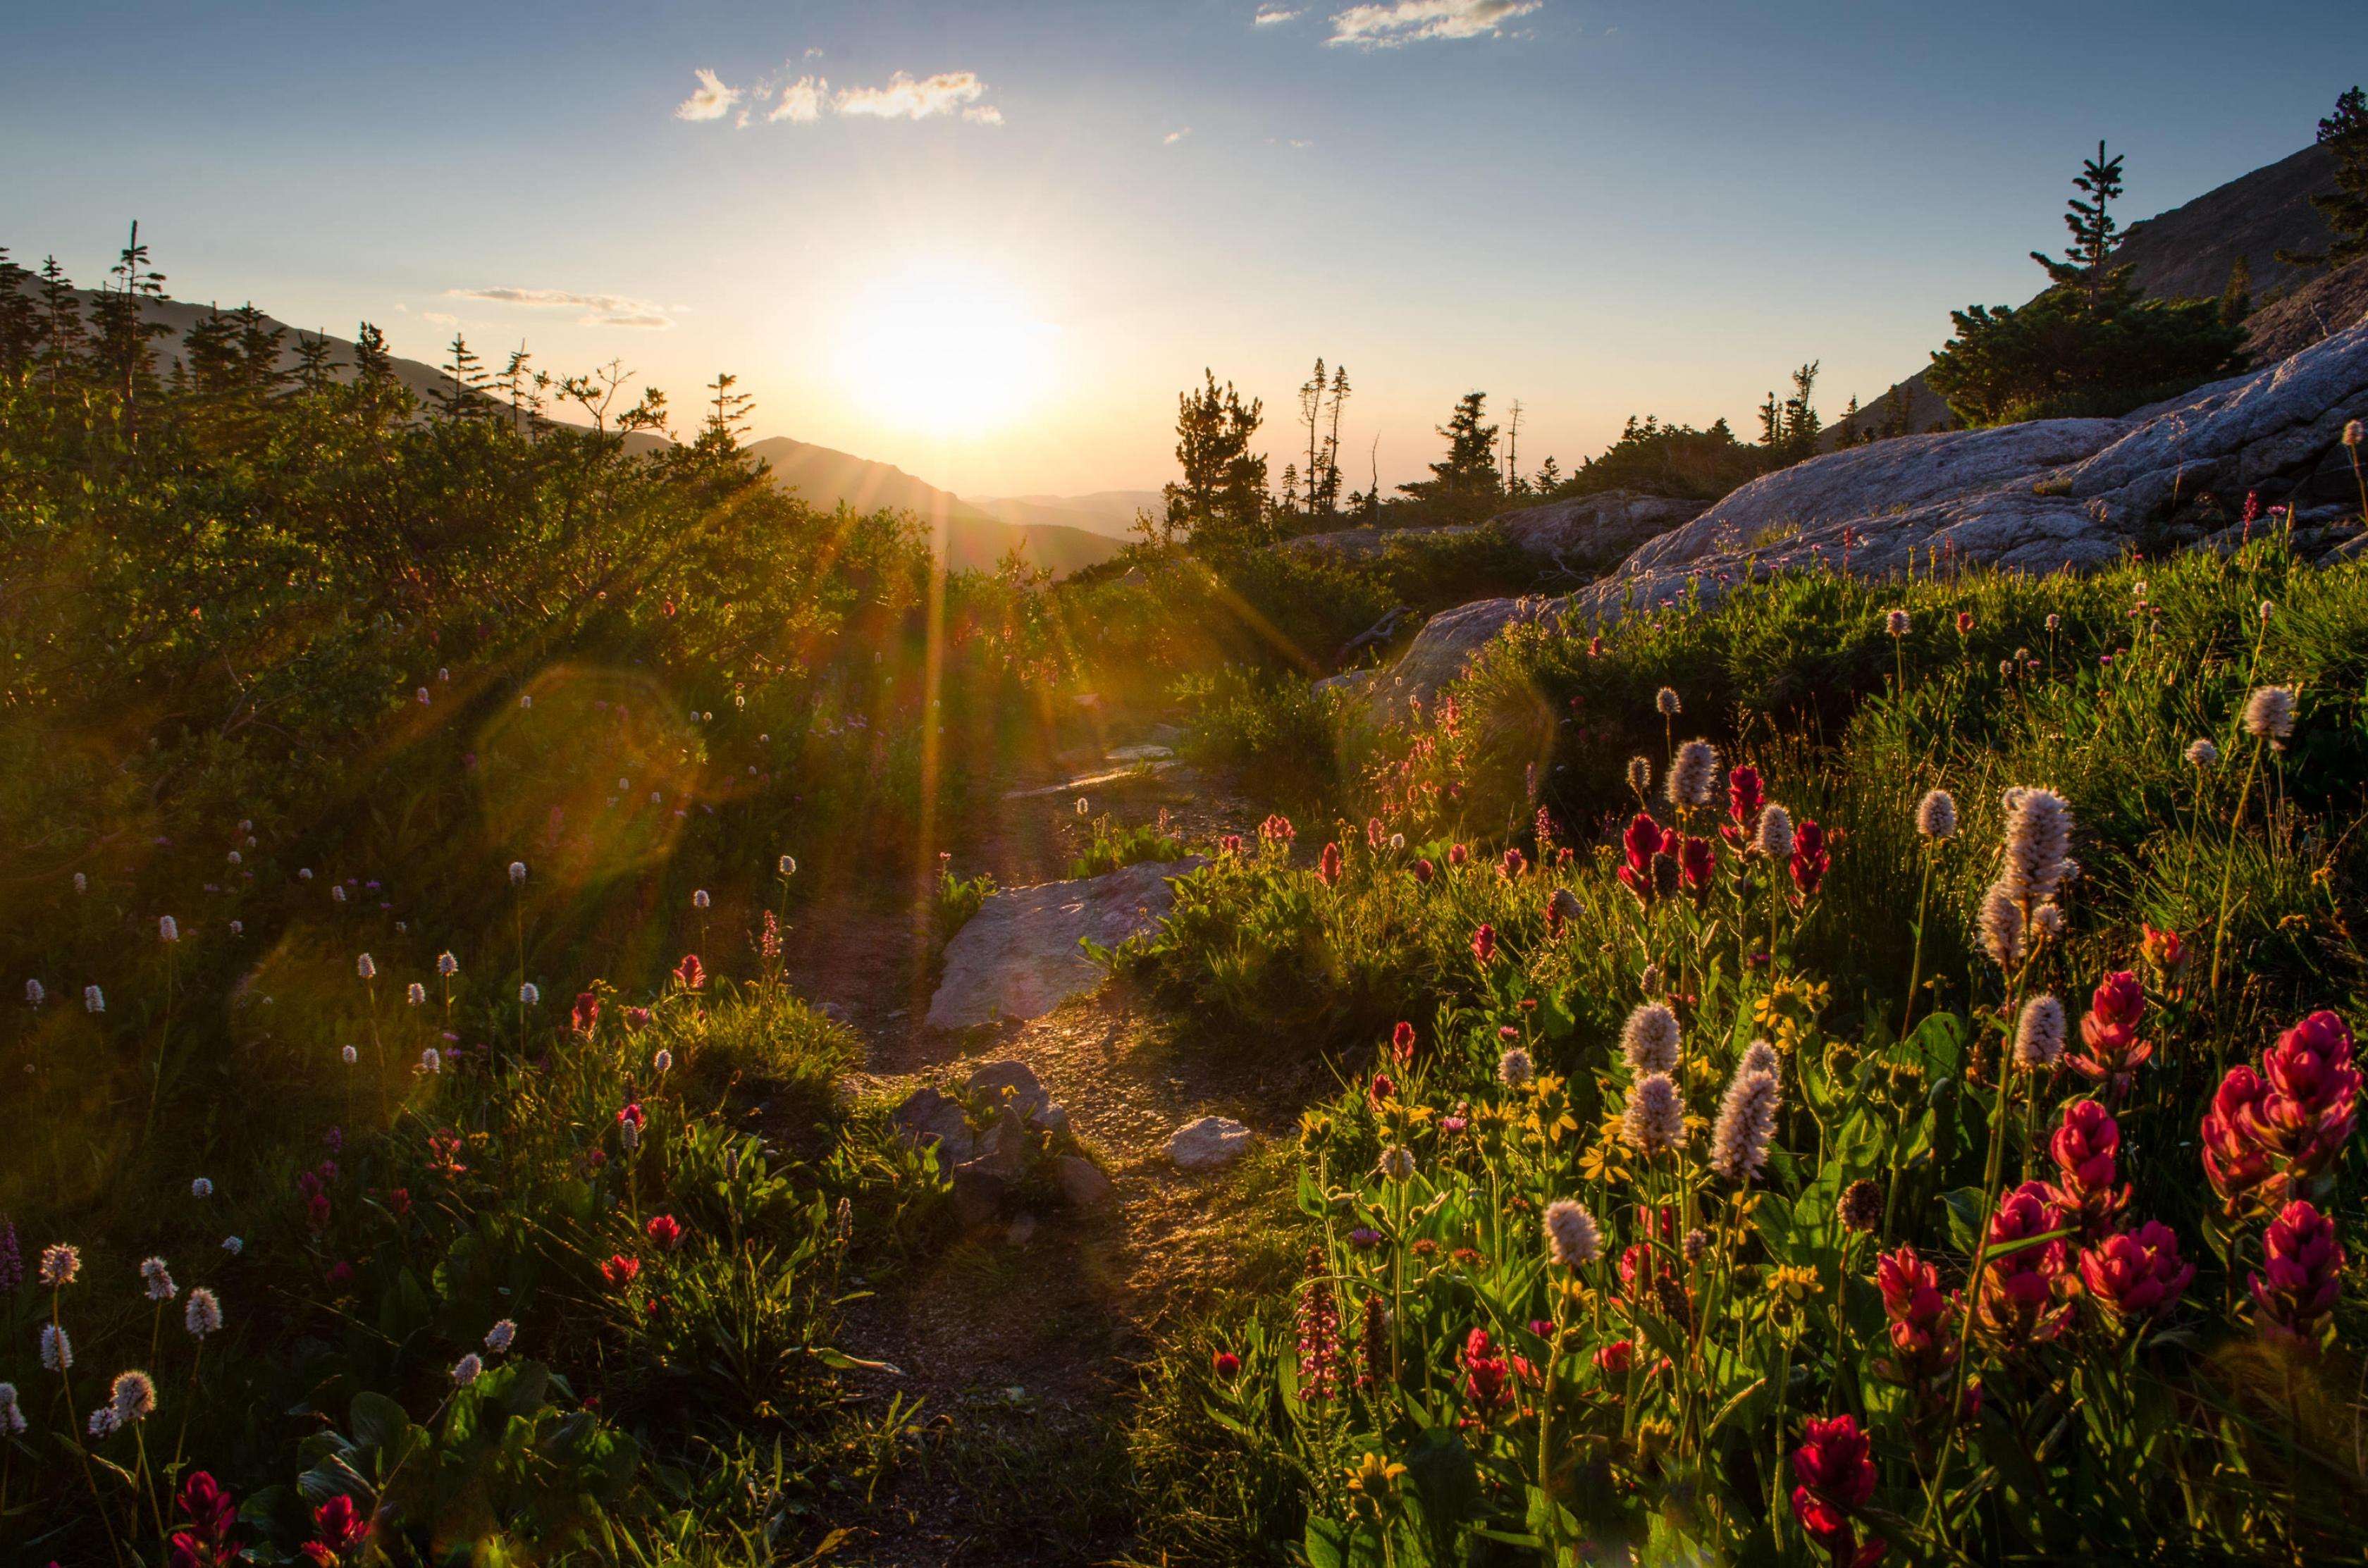 La parte superior cae Ouzel y flores silvestres en el Parque Nacional de las Montañas Rocosas.